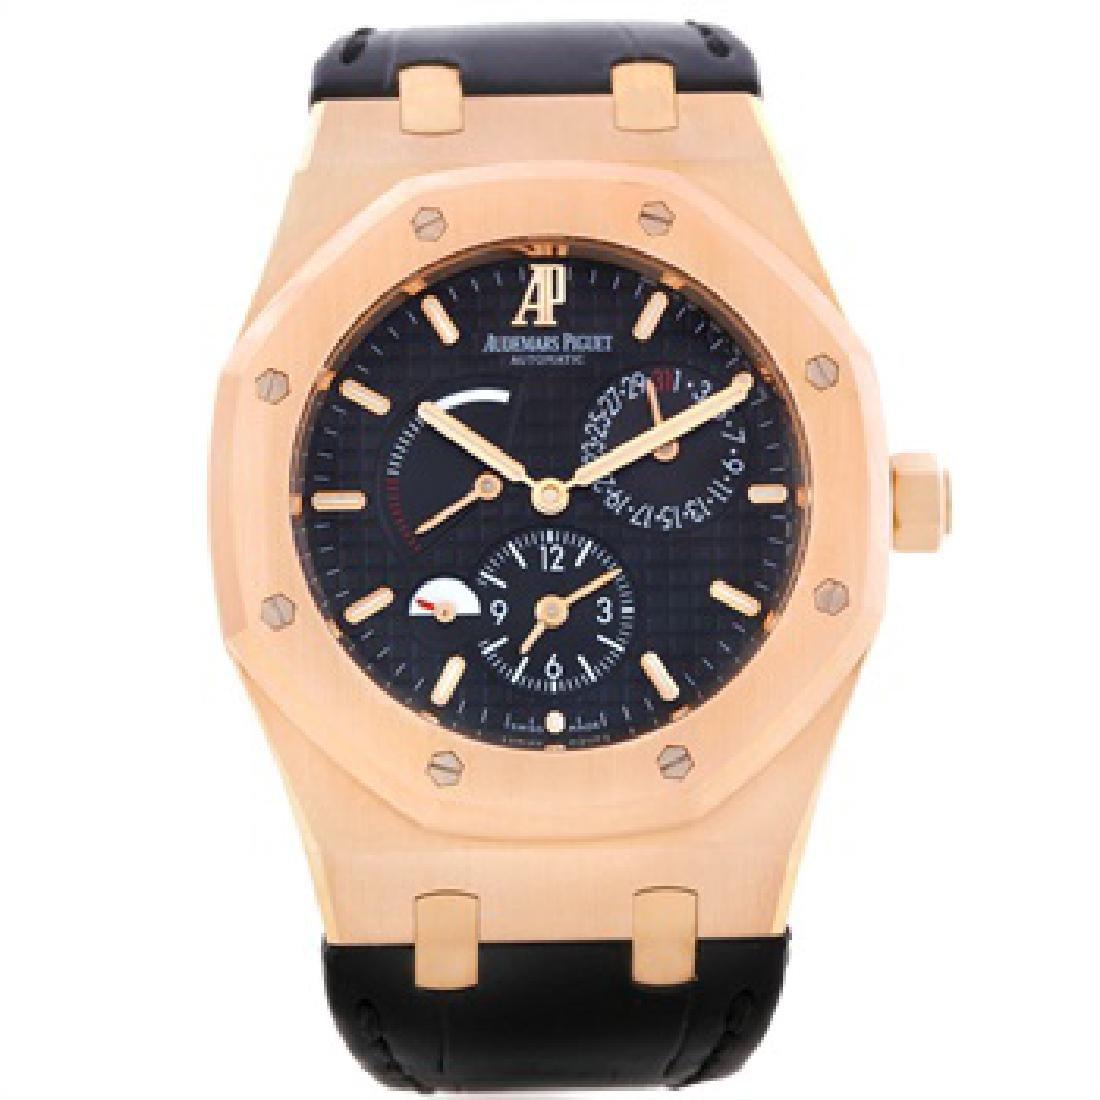 Audemars Piguet Royal Oak Dual Time 18K Rose Gold Watch